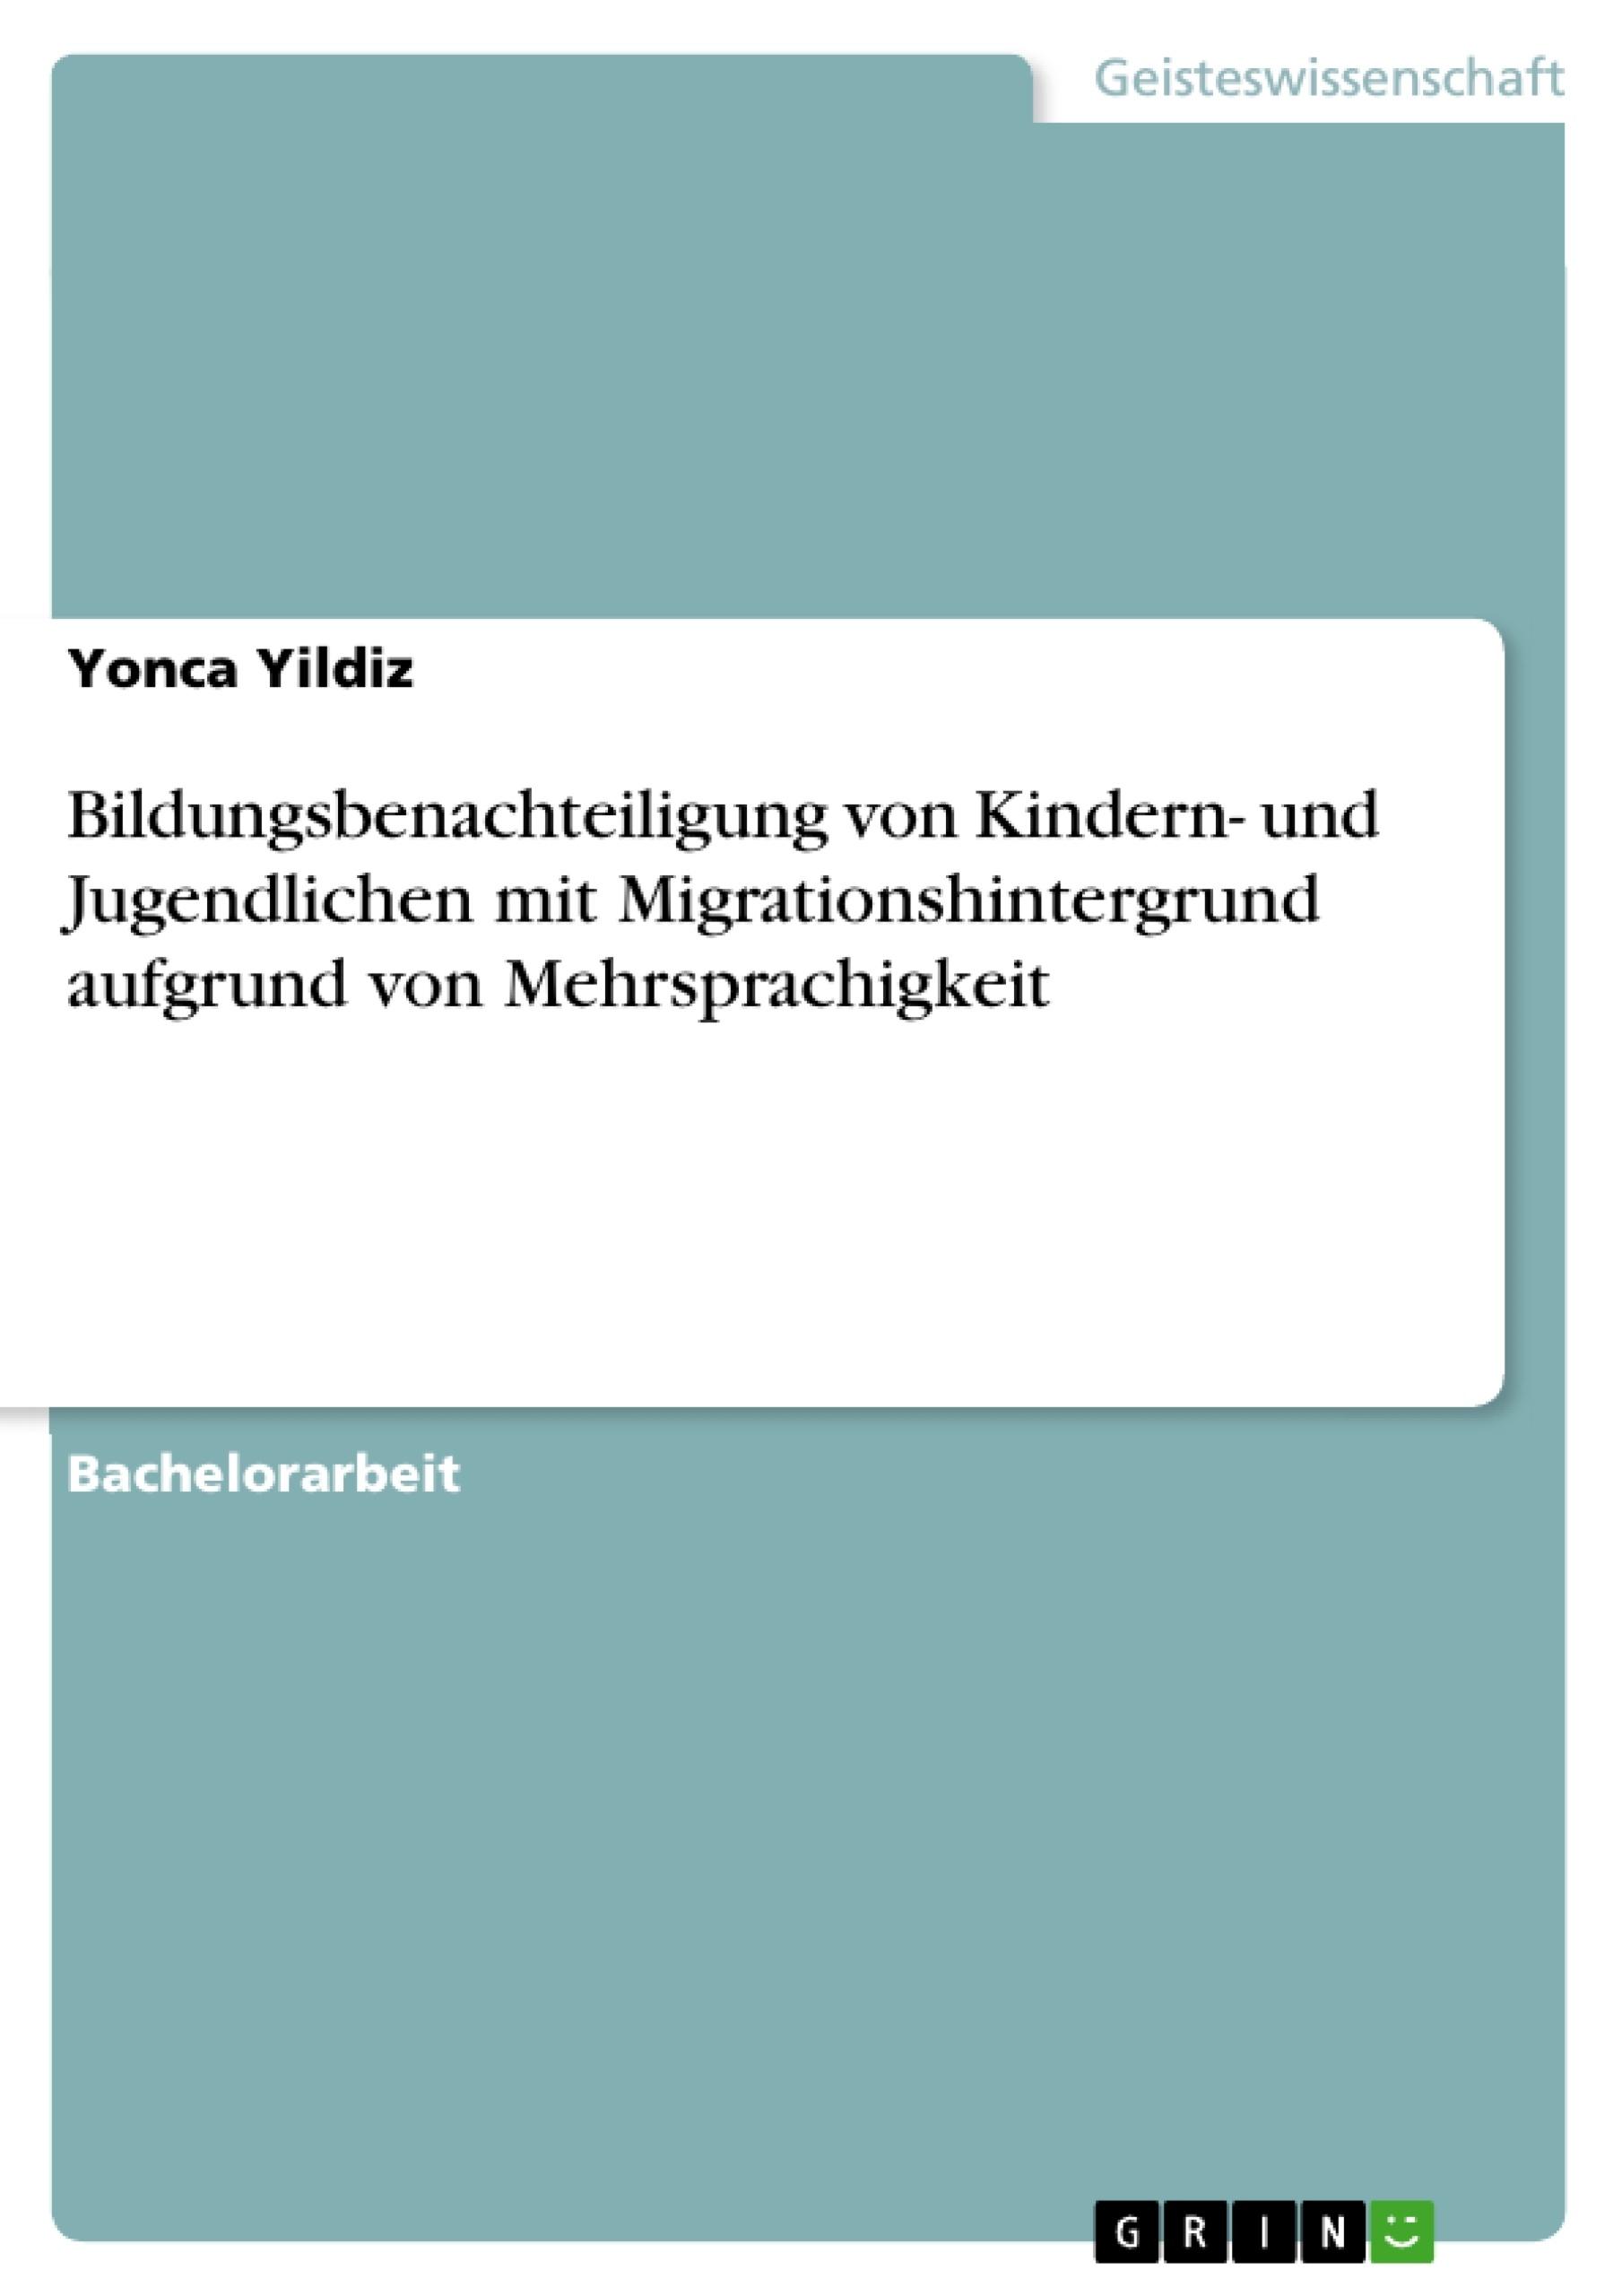 Titel: Bildungsbenachteiligung von Kindern- und Jugendlichen mit Migrationshintergrund aufgrund von Mehrsprachigkeit